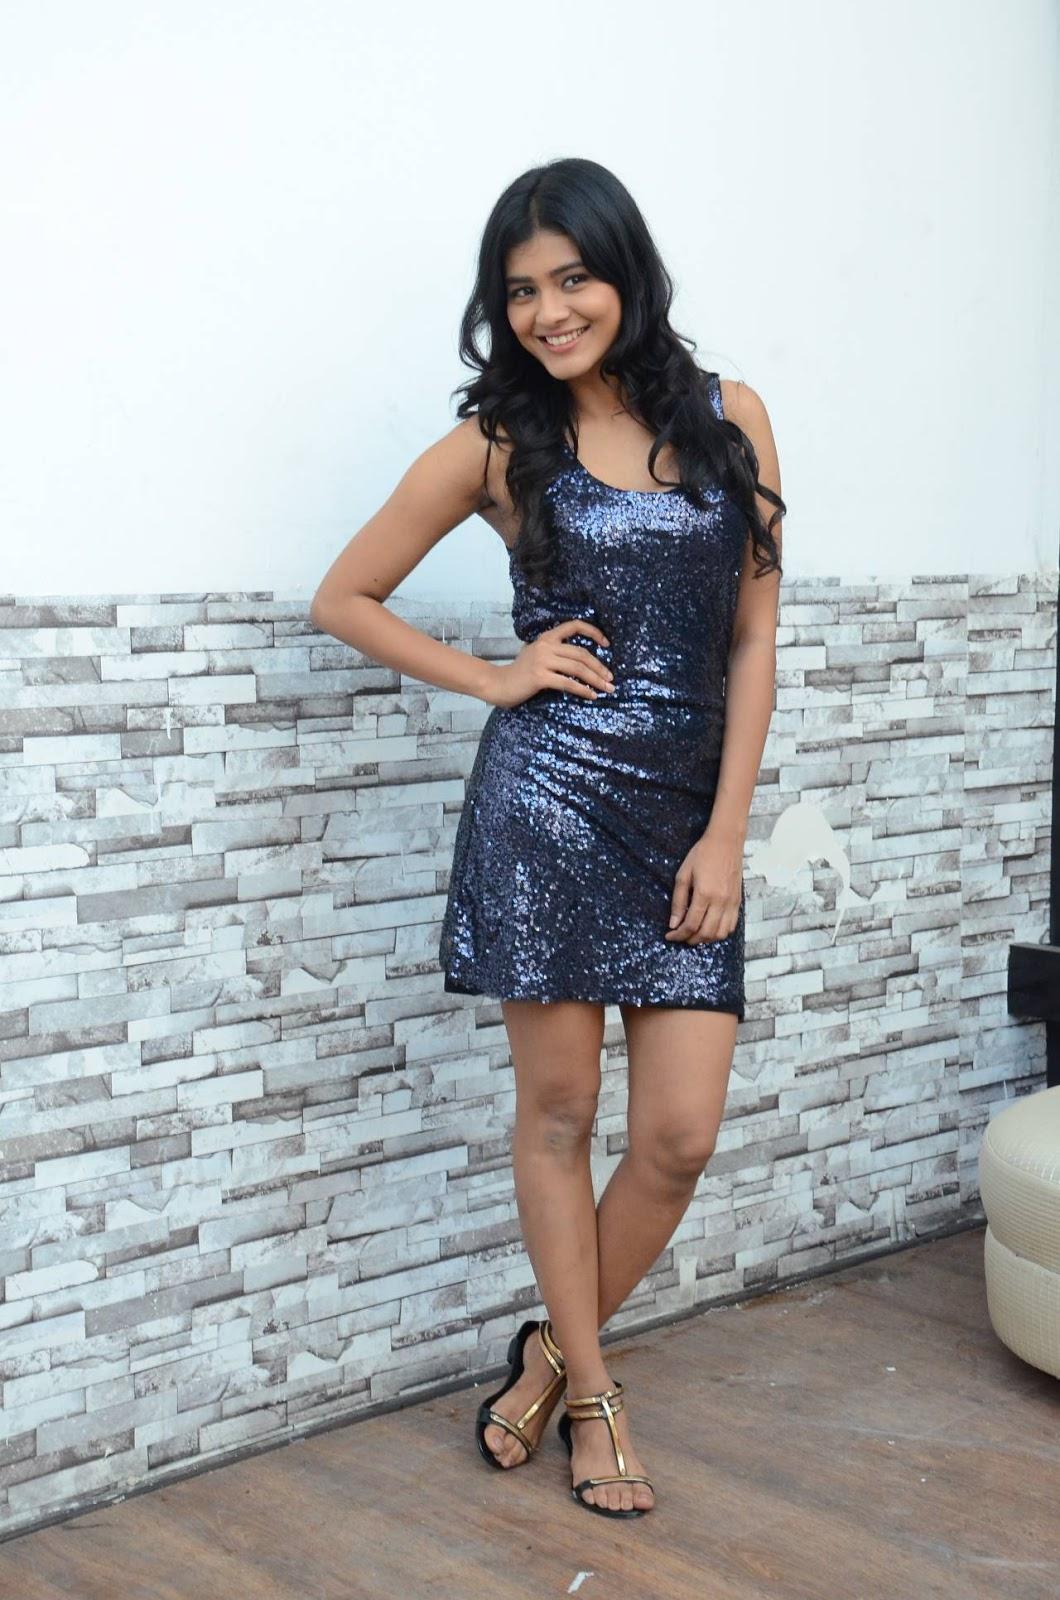 Hebah Patel Cute new actress in Shining Balck Mini Dress from movie Kumari 21f Press Meet